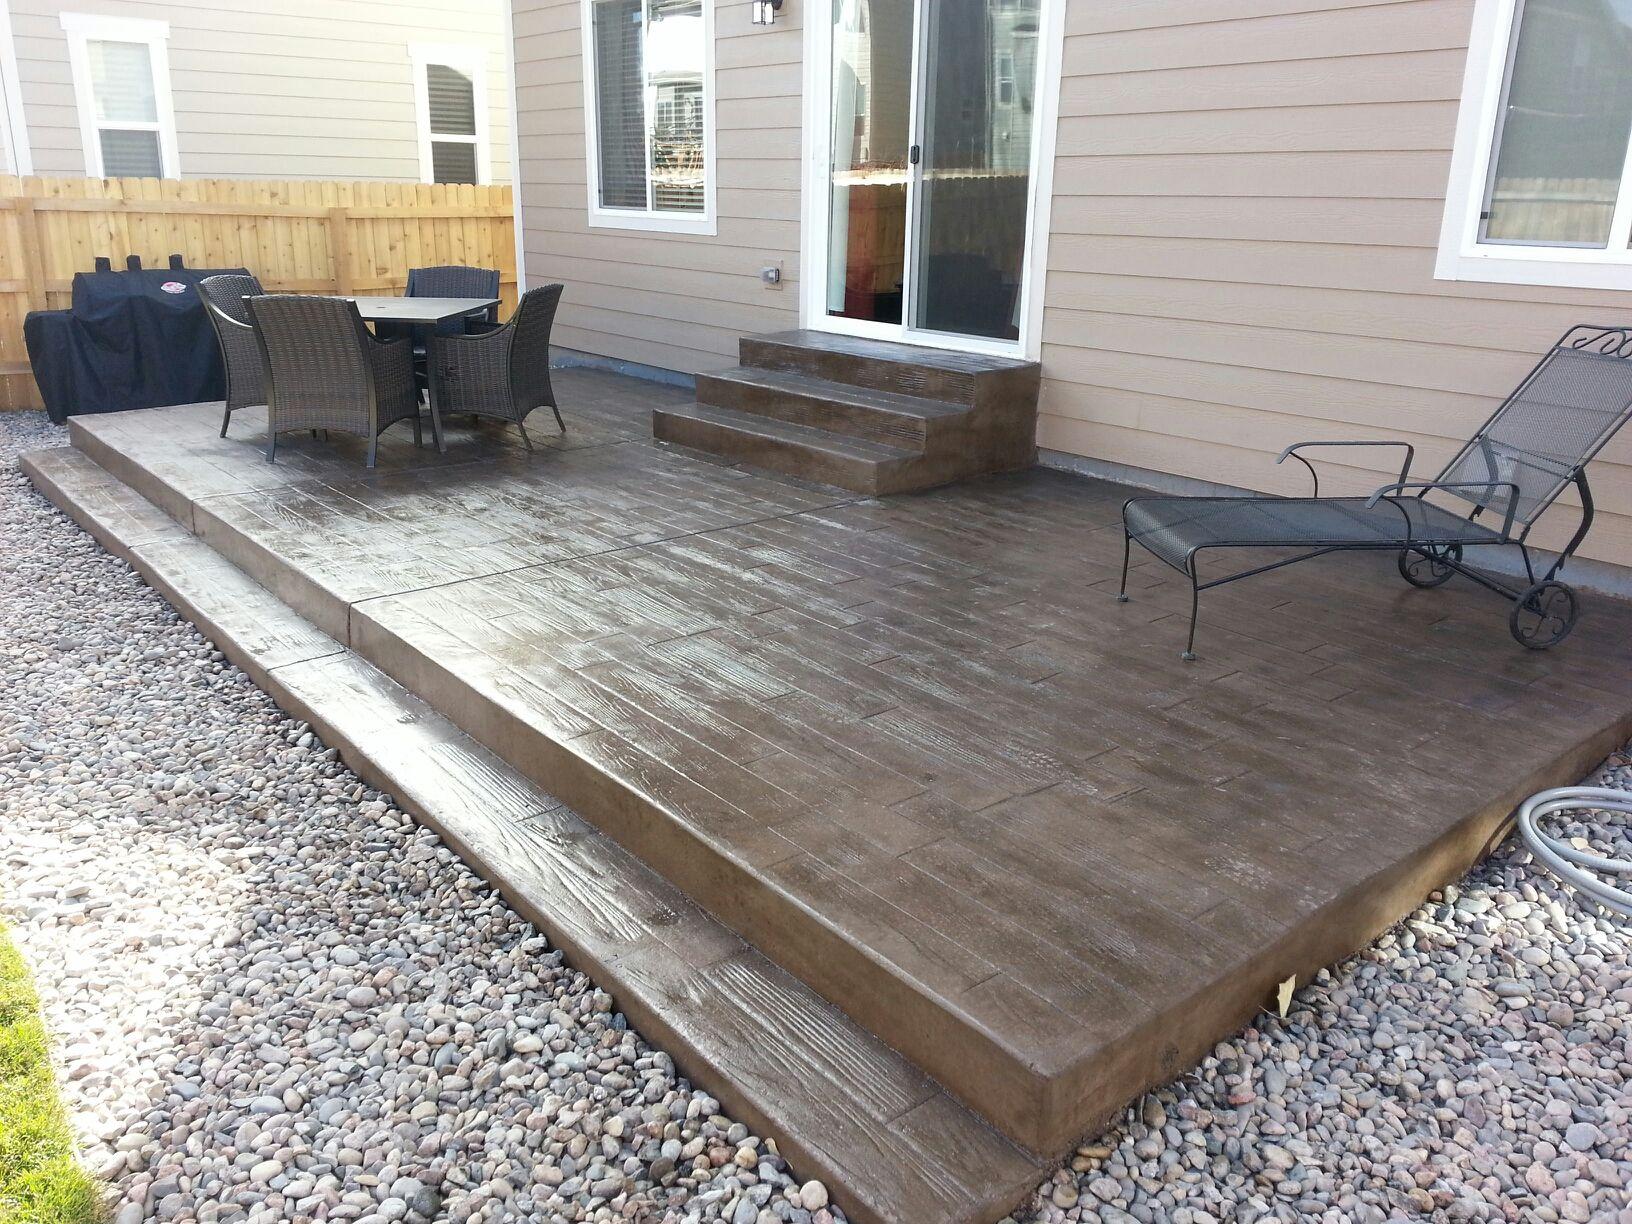 Wood Grain Texture Stamped Concrete Patio Steps Casco